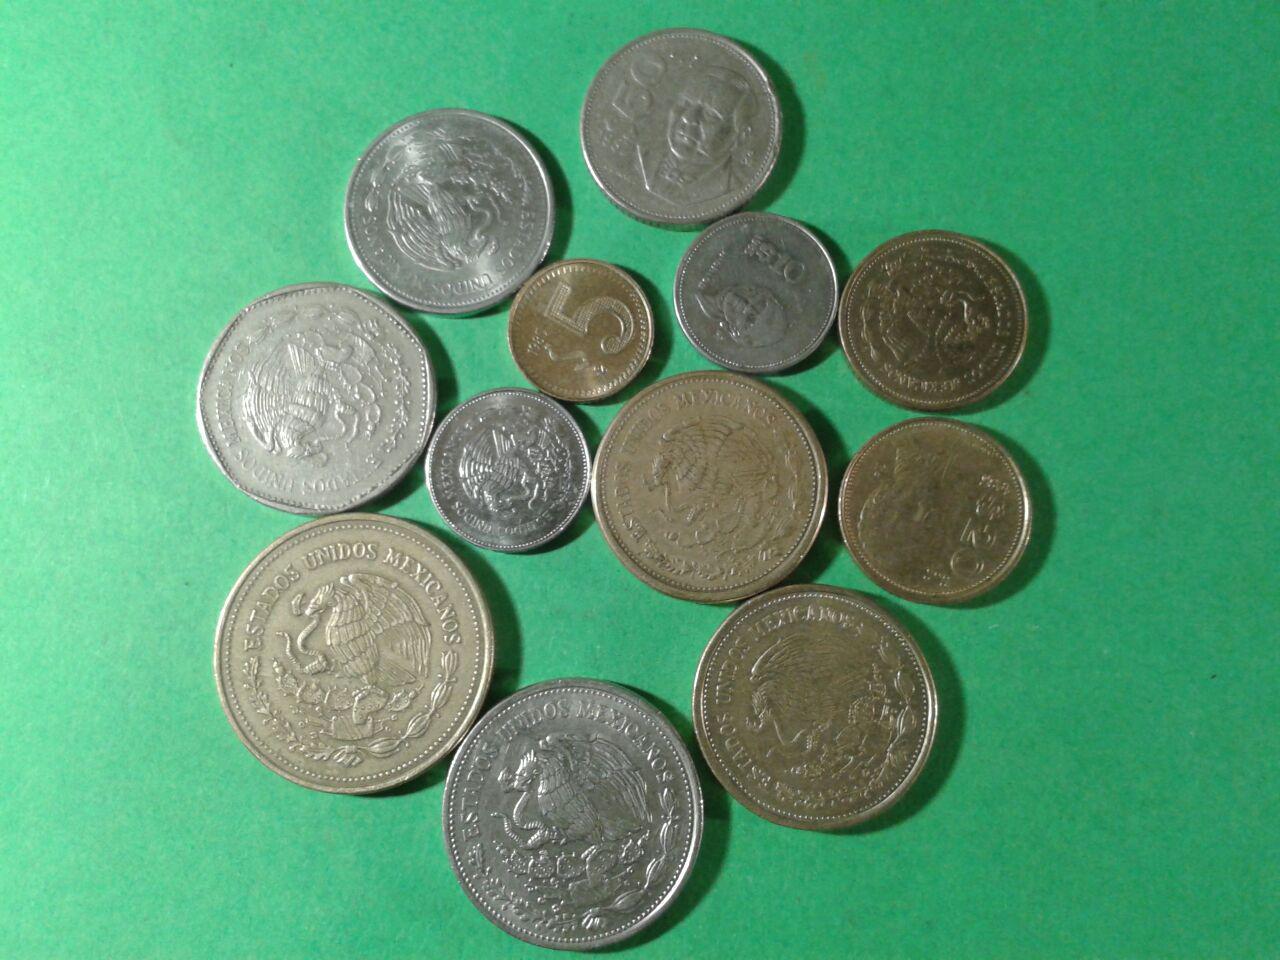 Meksyk monety 11 sztuk mix zestaw kolekcja